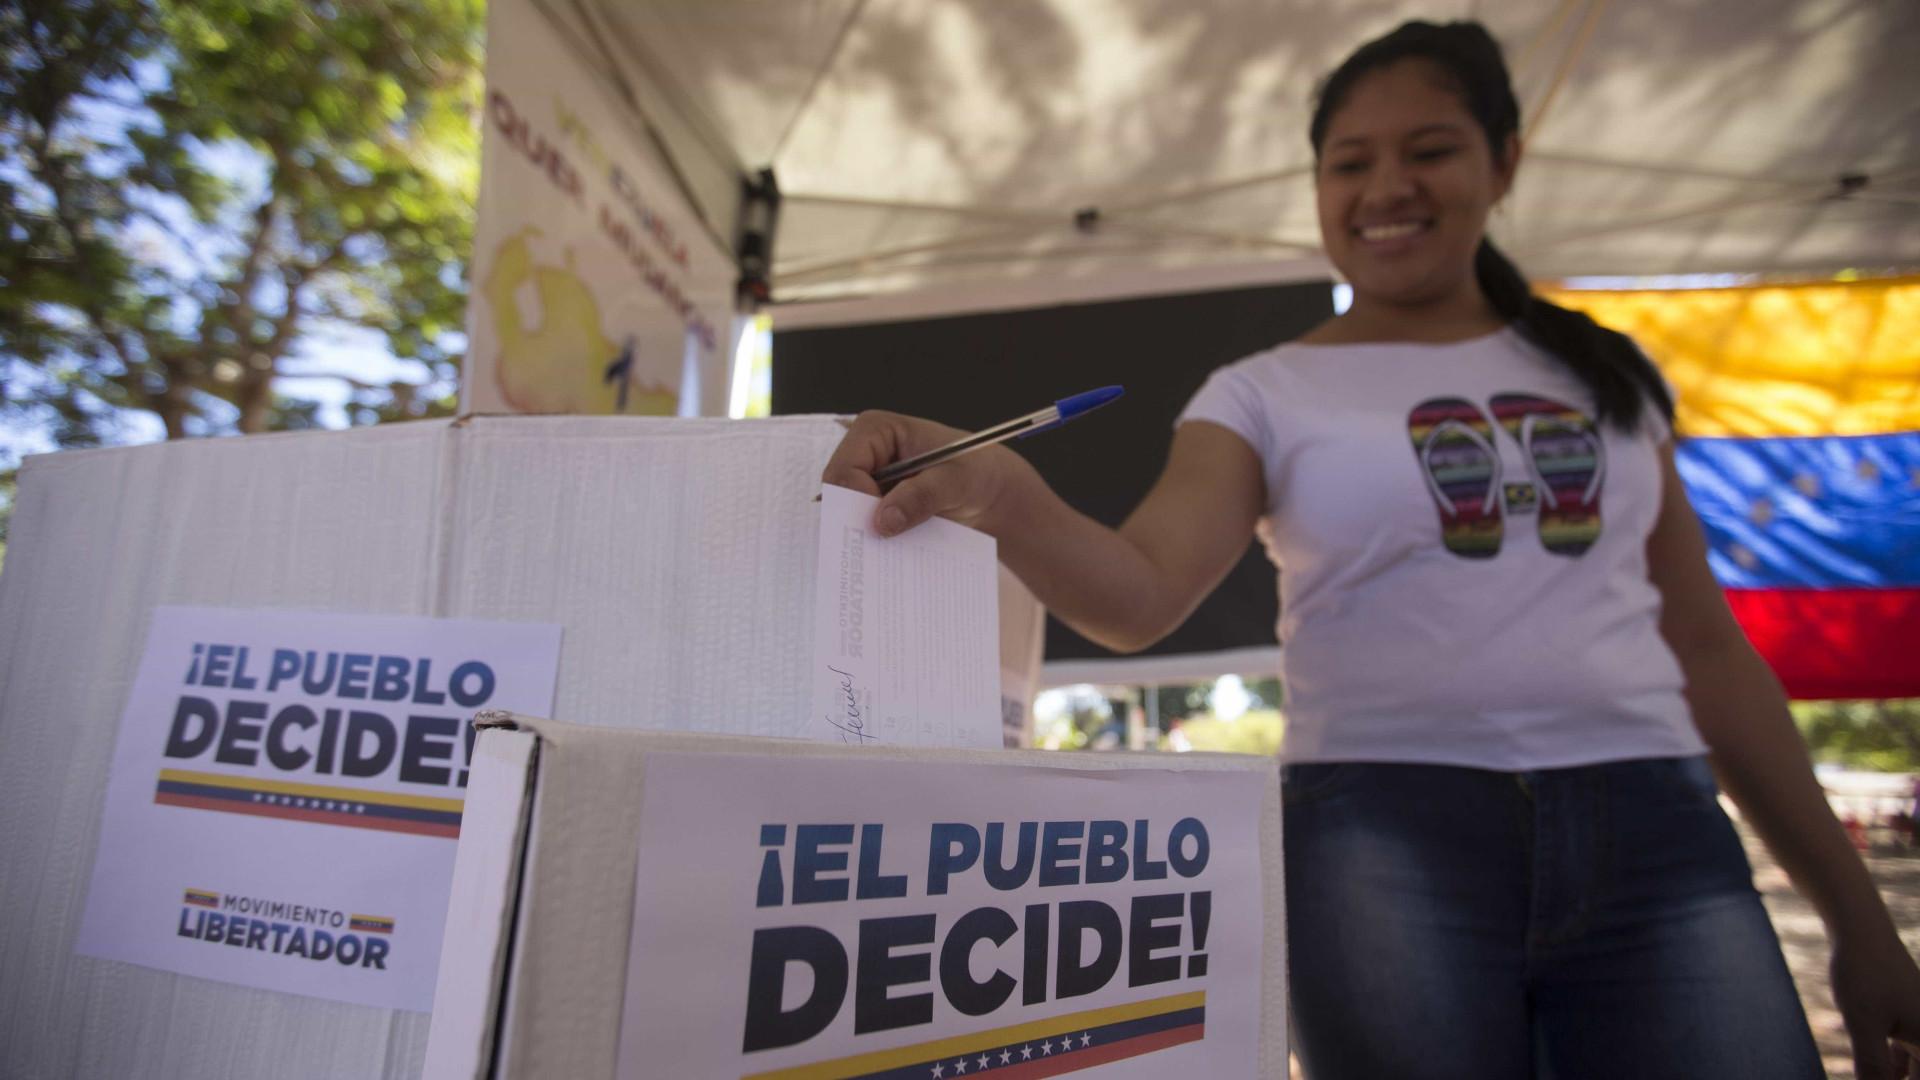 Grande afluência para participar em plebiscito simbólico contra Maduro